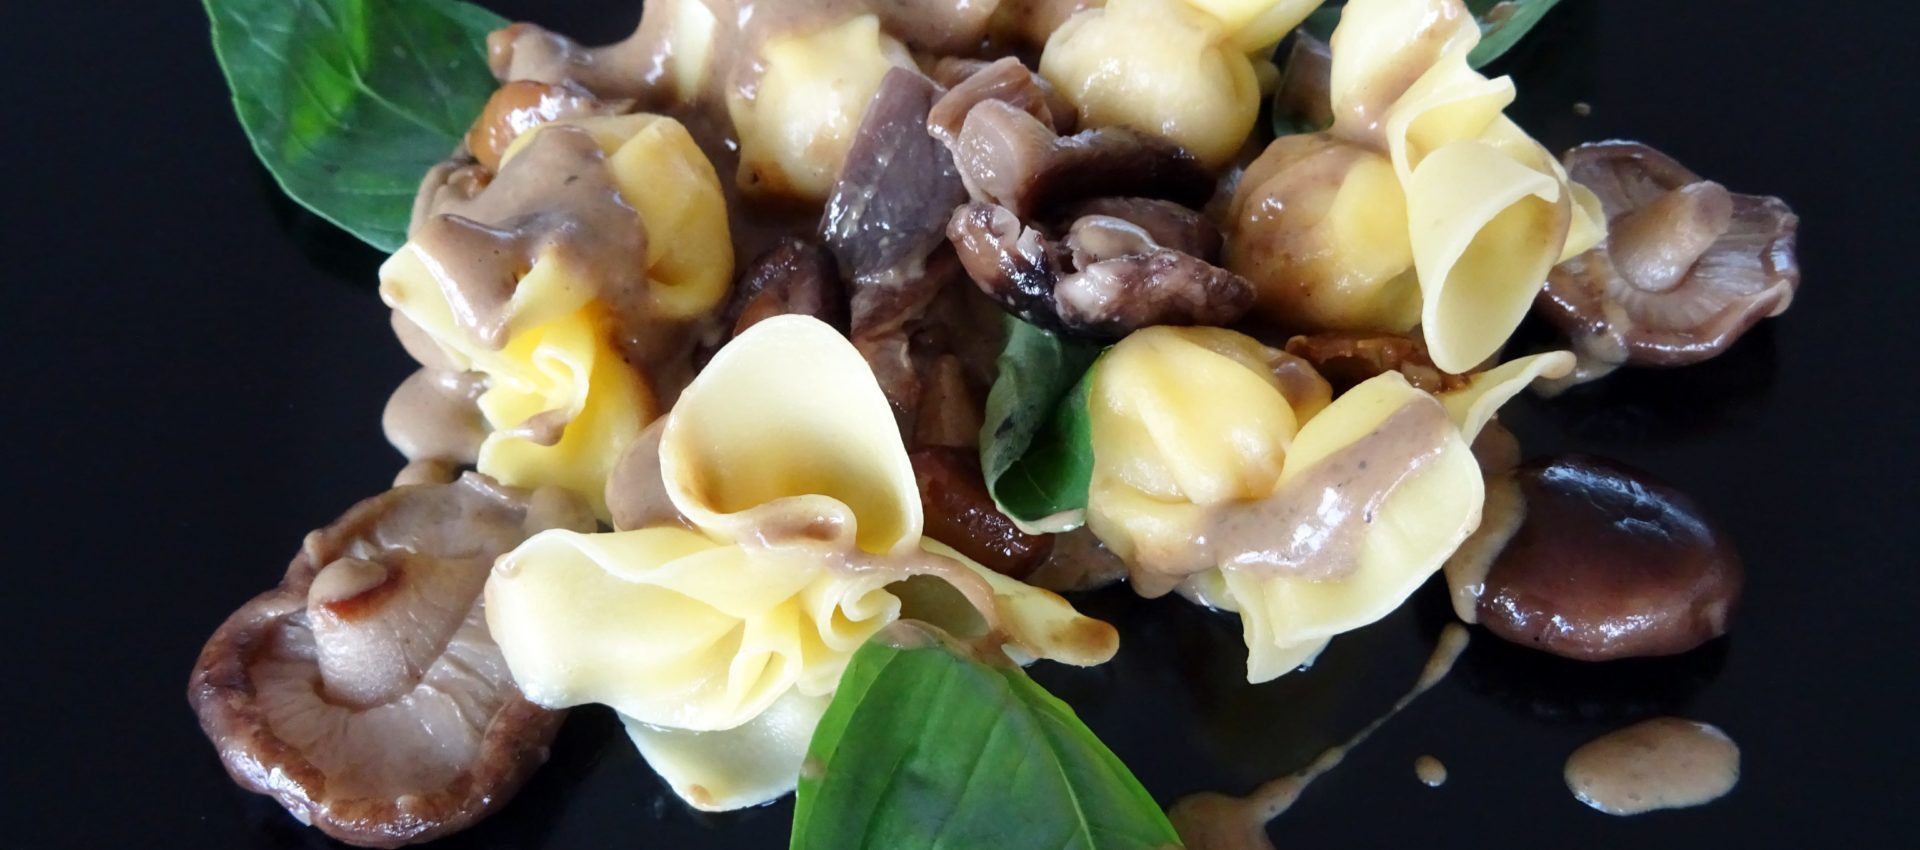 sacottini funghi porcini